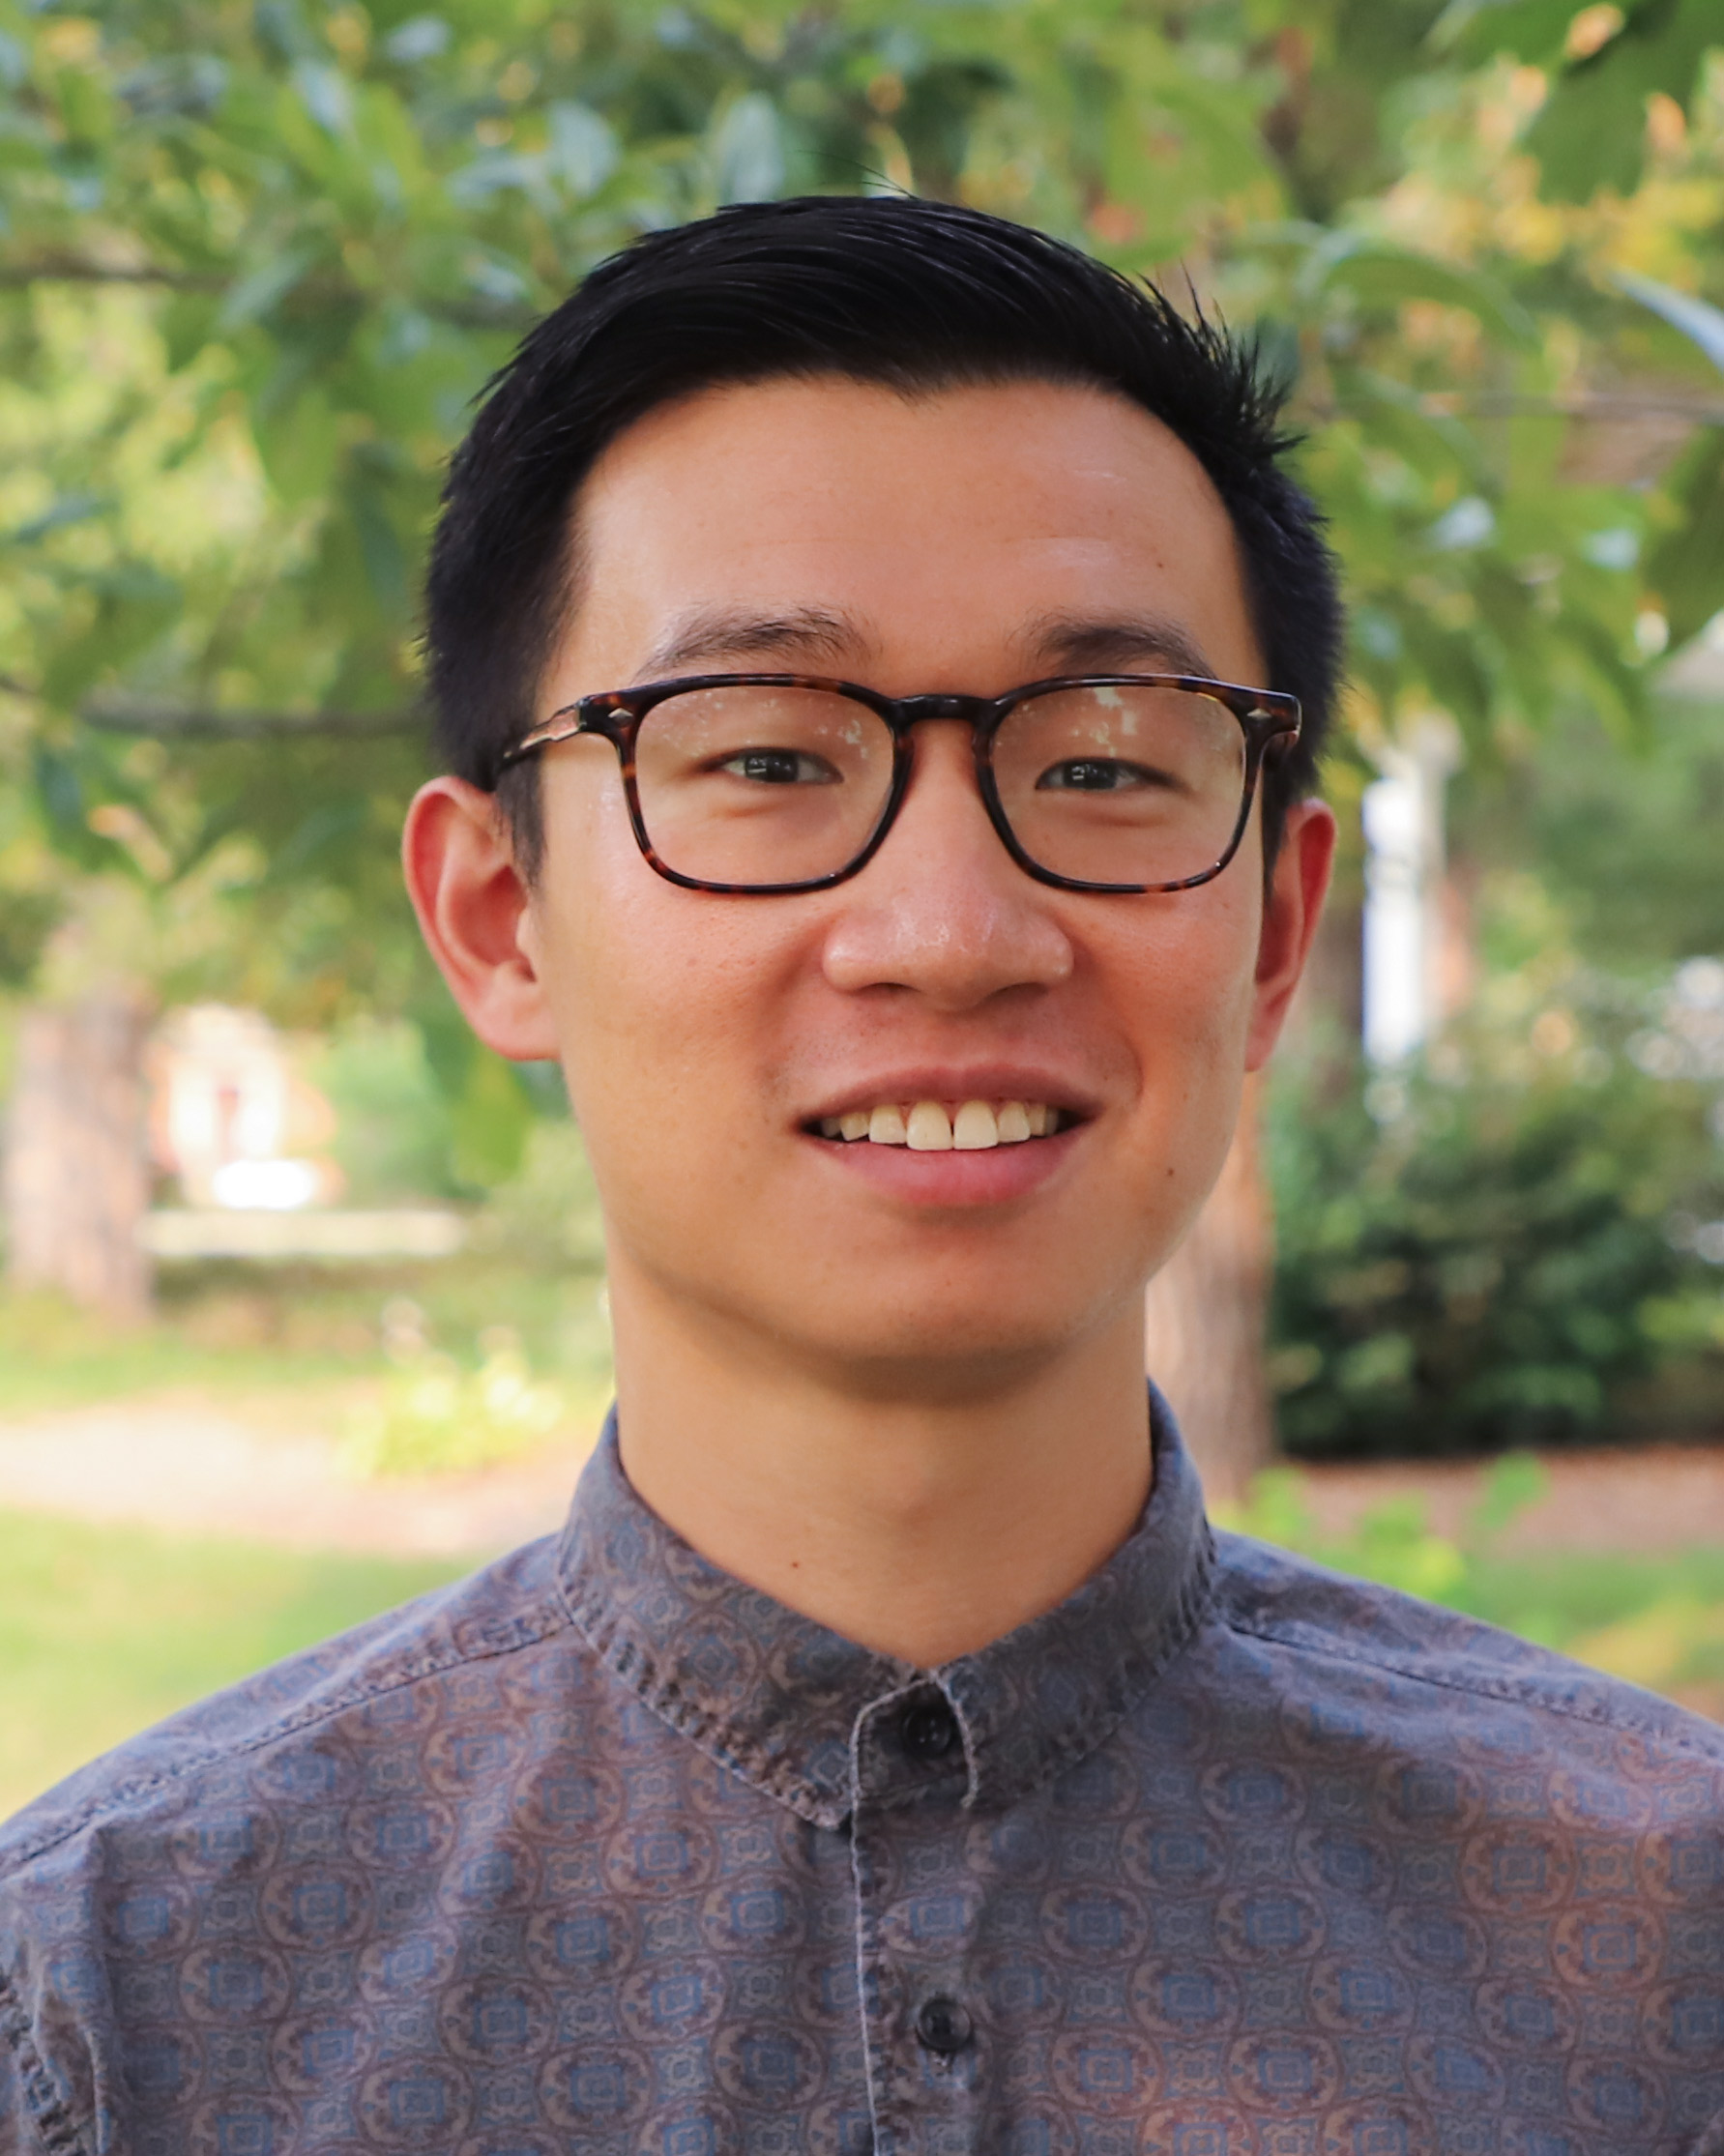 Xinzheng Chen